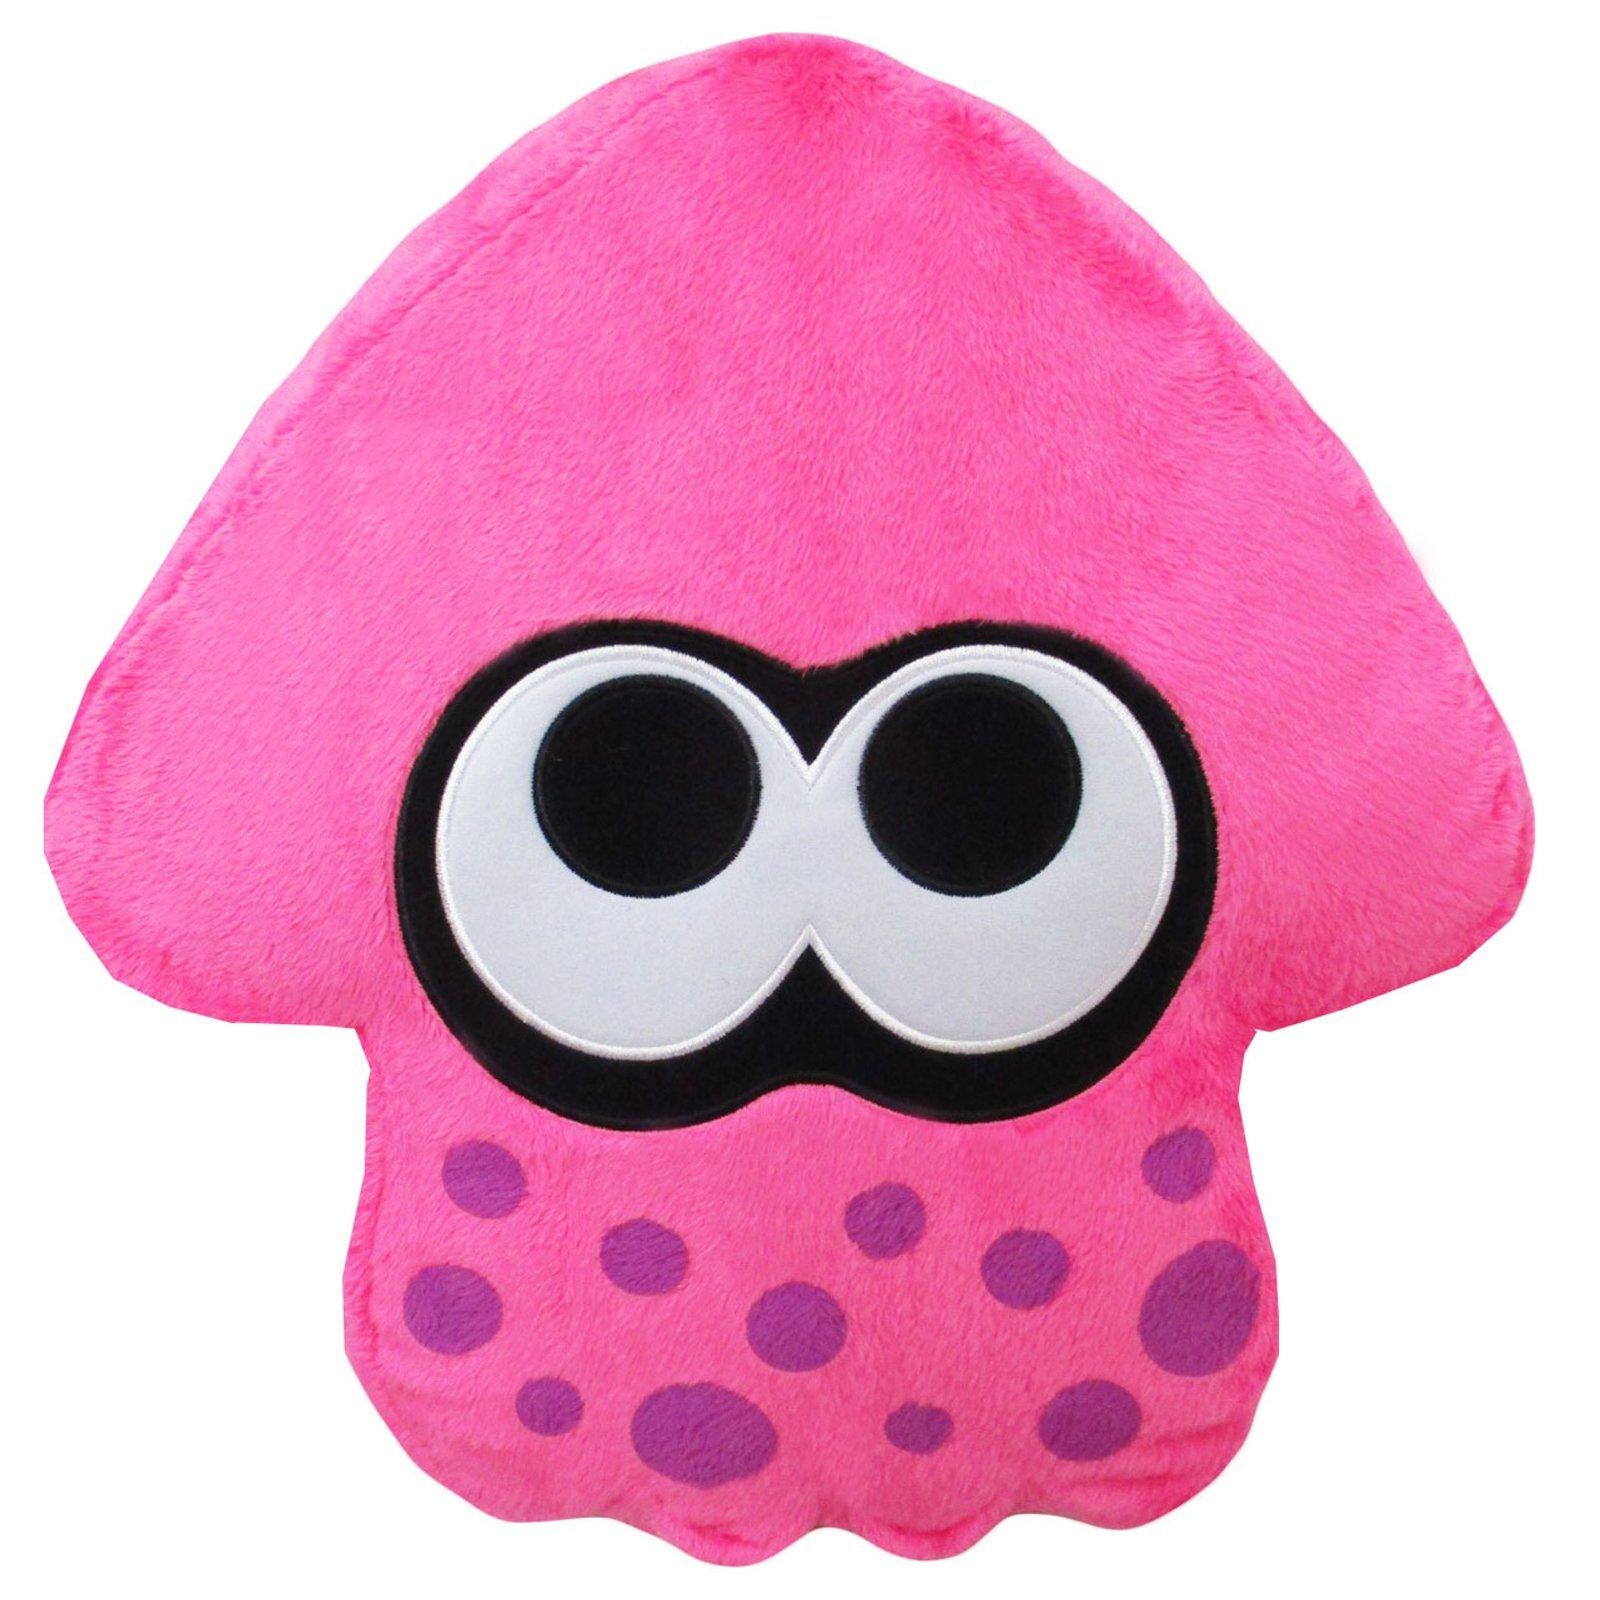 Neon Pink Splatoon 2 Squid Cushion (1)